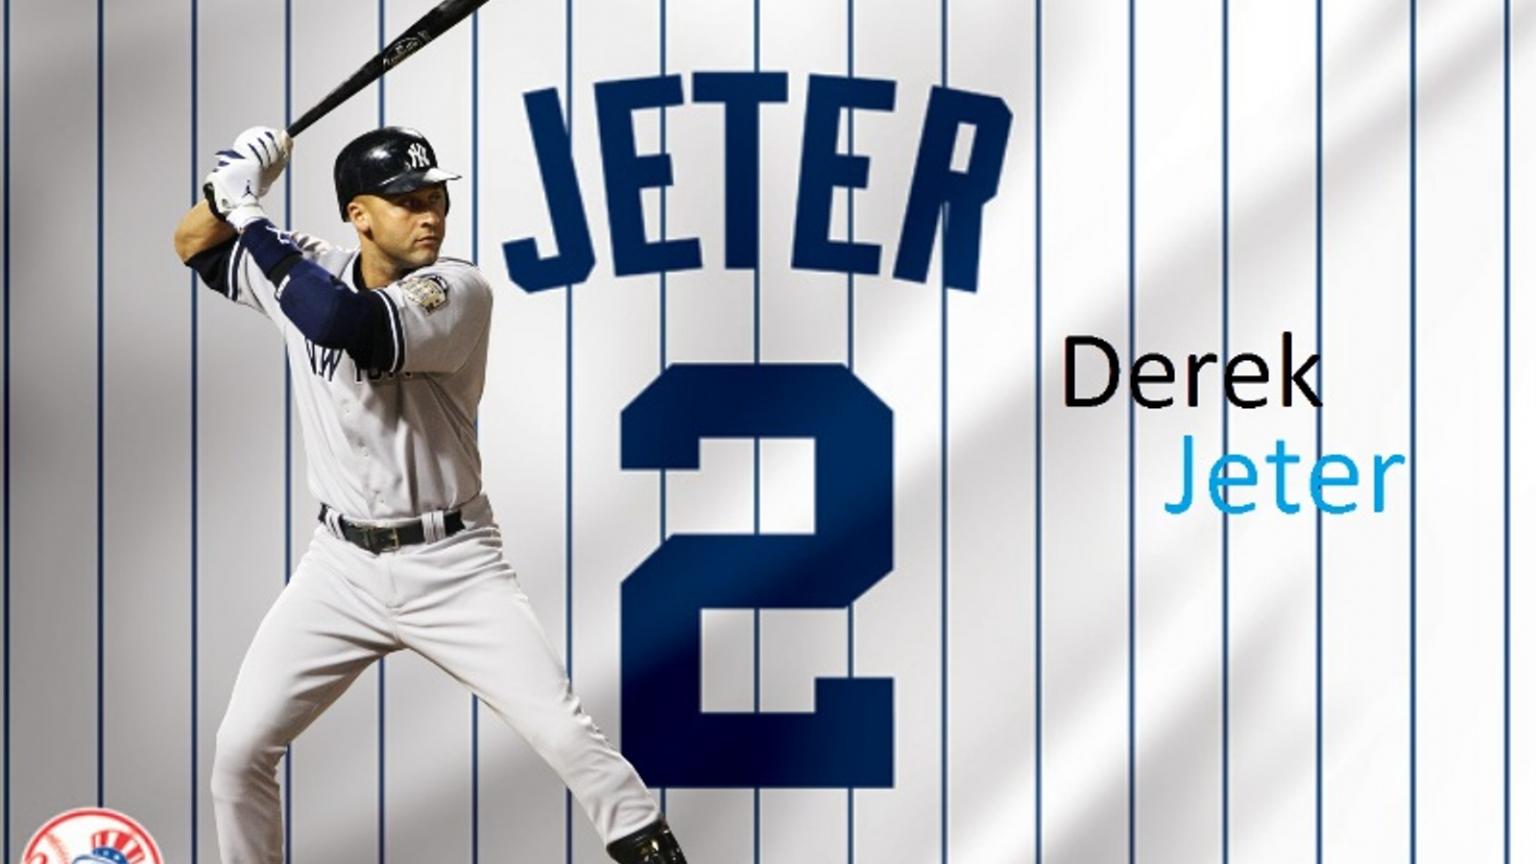 Derek Jeter Baseball Wallpaper Pinterest 1600x1200 Download Resolutions Desktop 1600x900